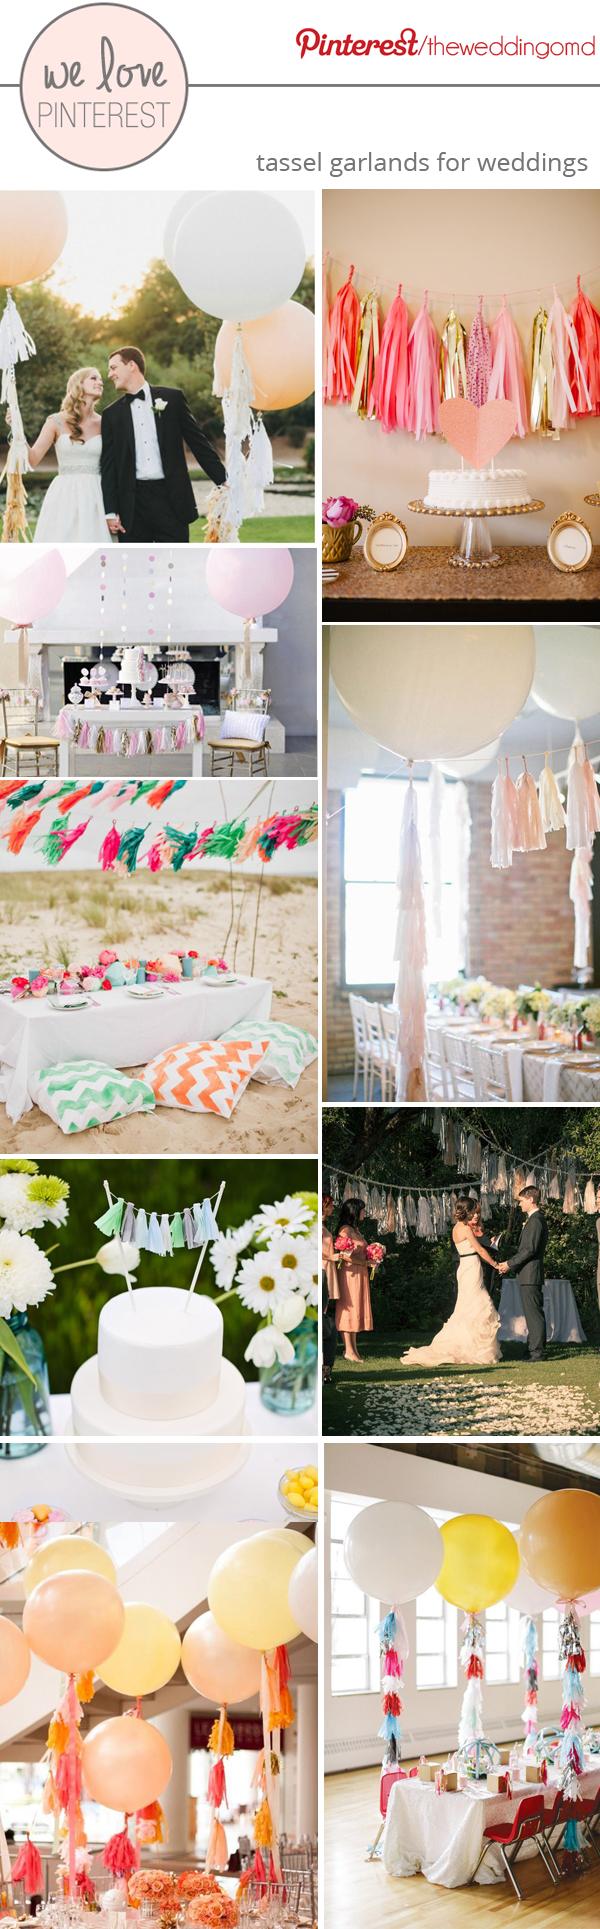 wedding tassel garlands